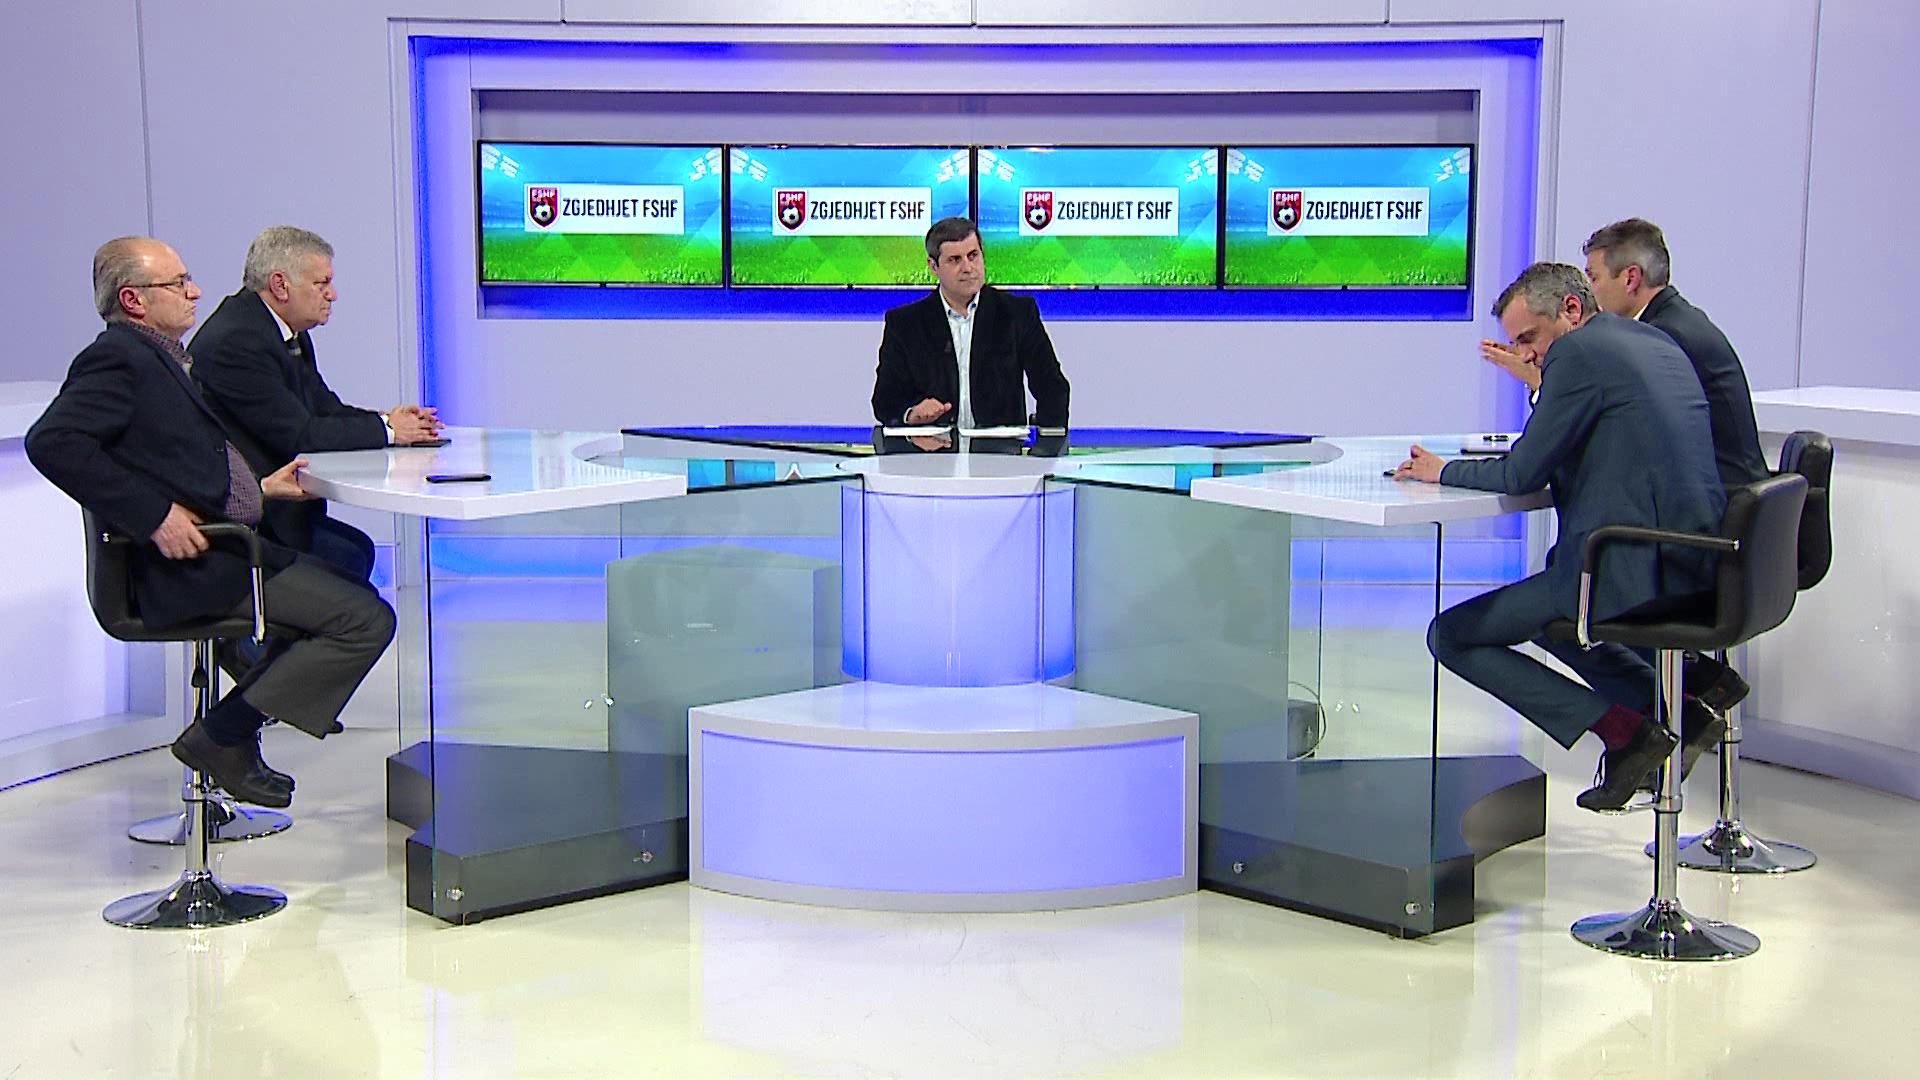 Analistët sportivë në ABC News për zgjedhjet e FSHF-s